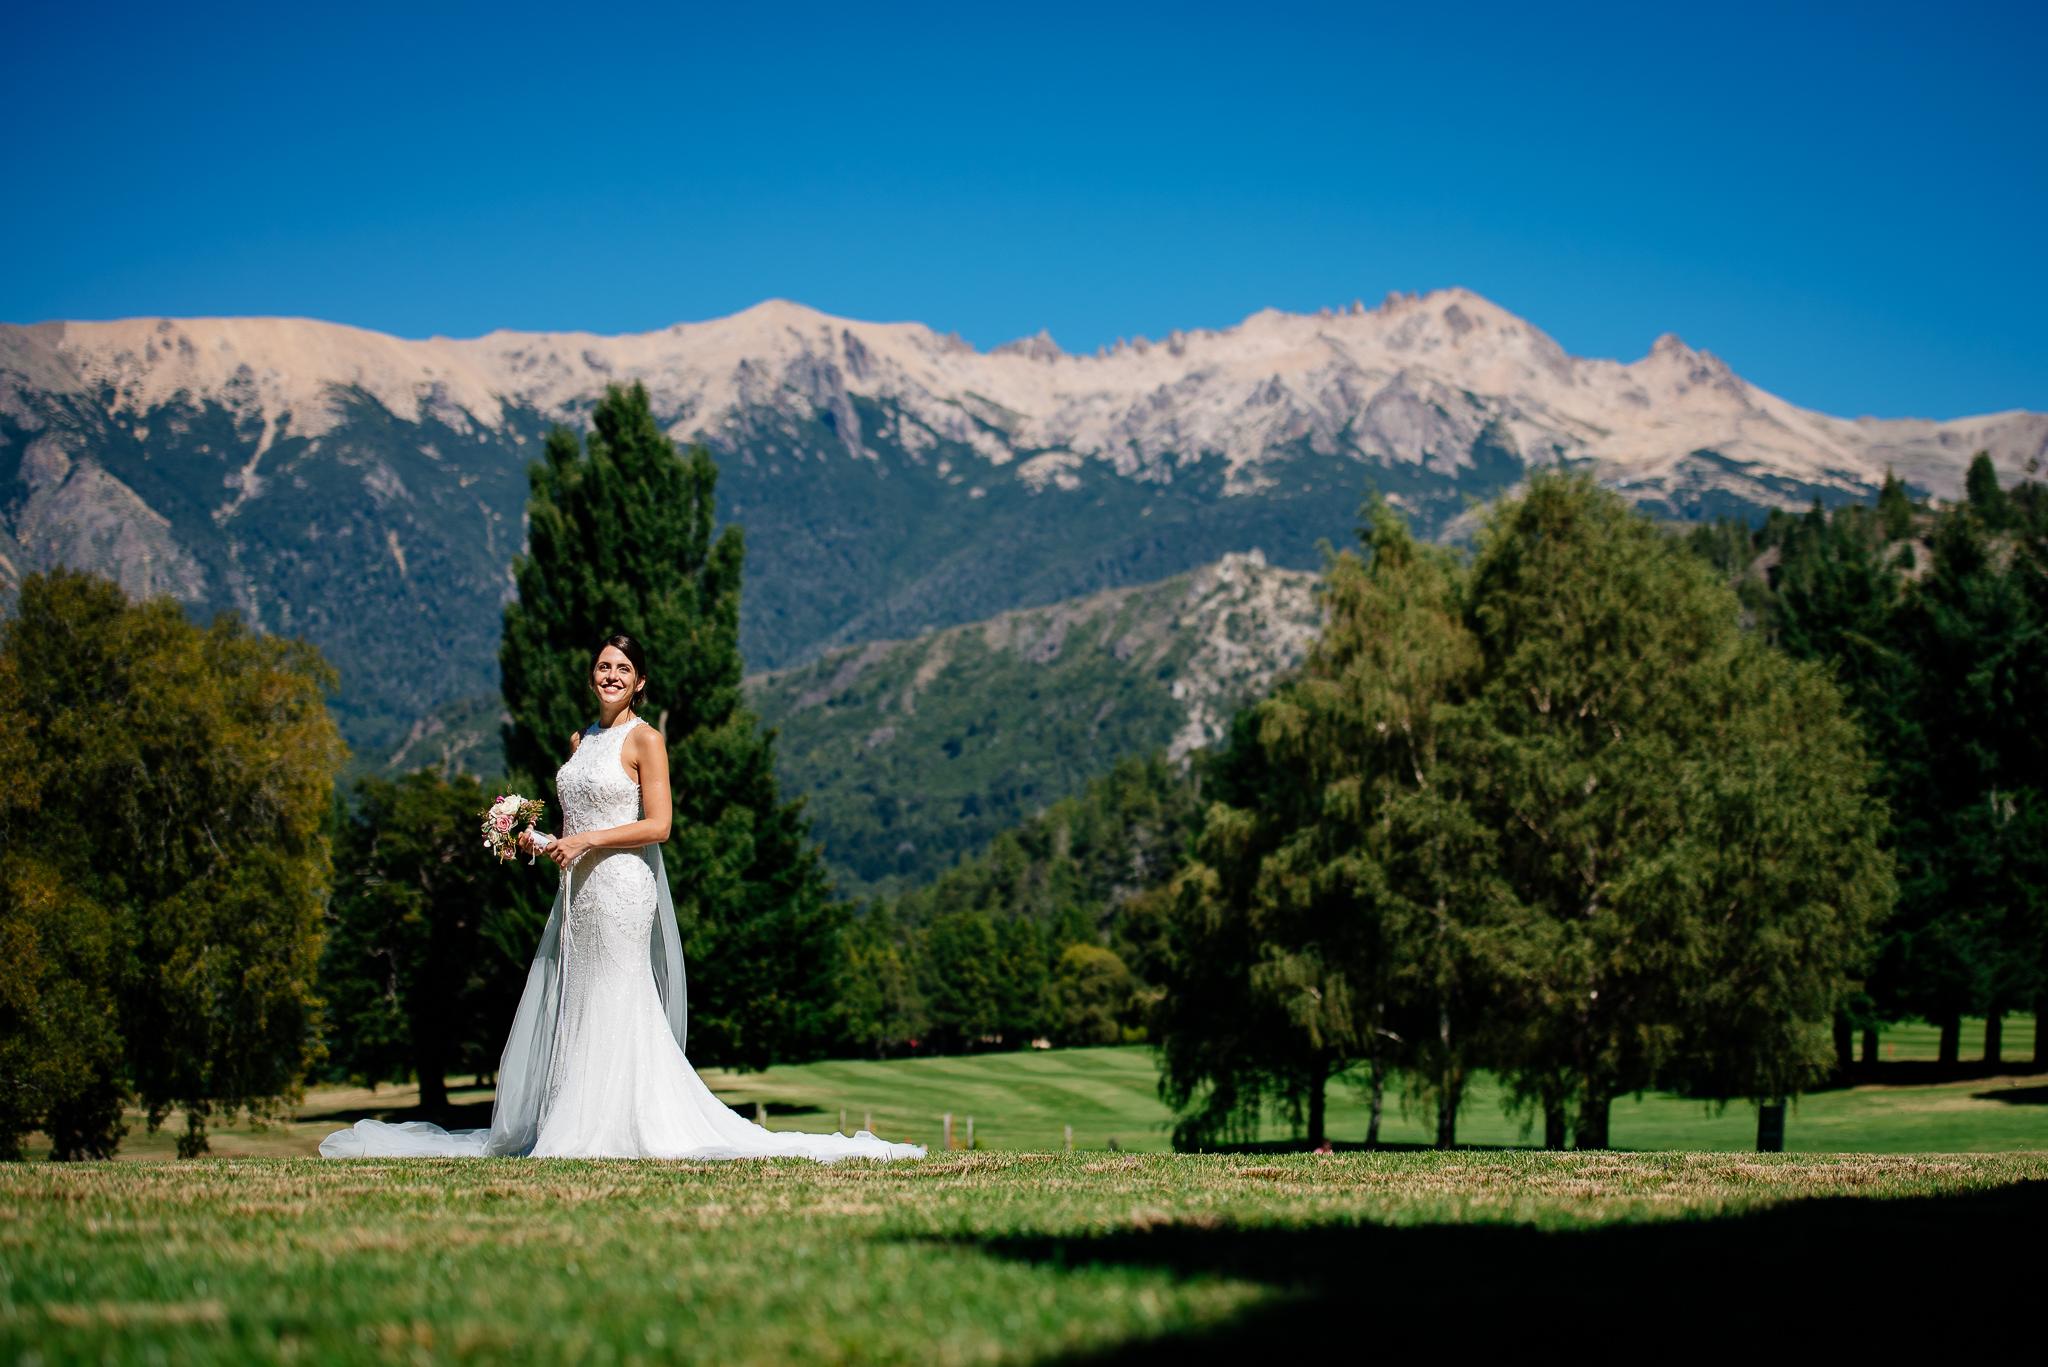 boda-bariloche-maxi-oviedo-fotografo-ramo-vestido-de-novia-21.jpg